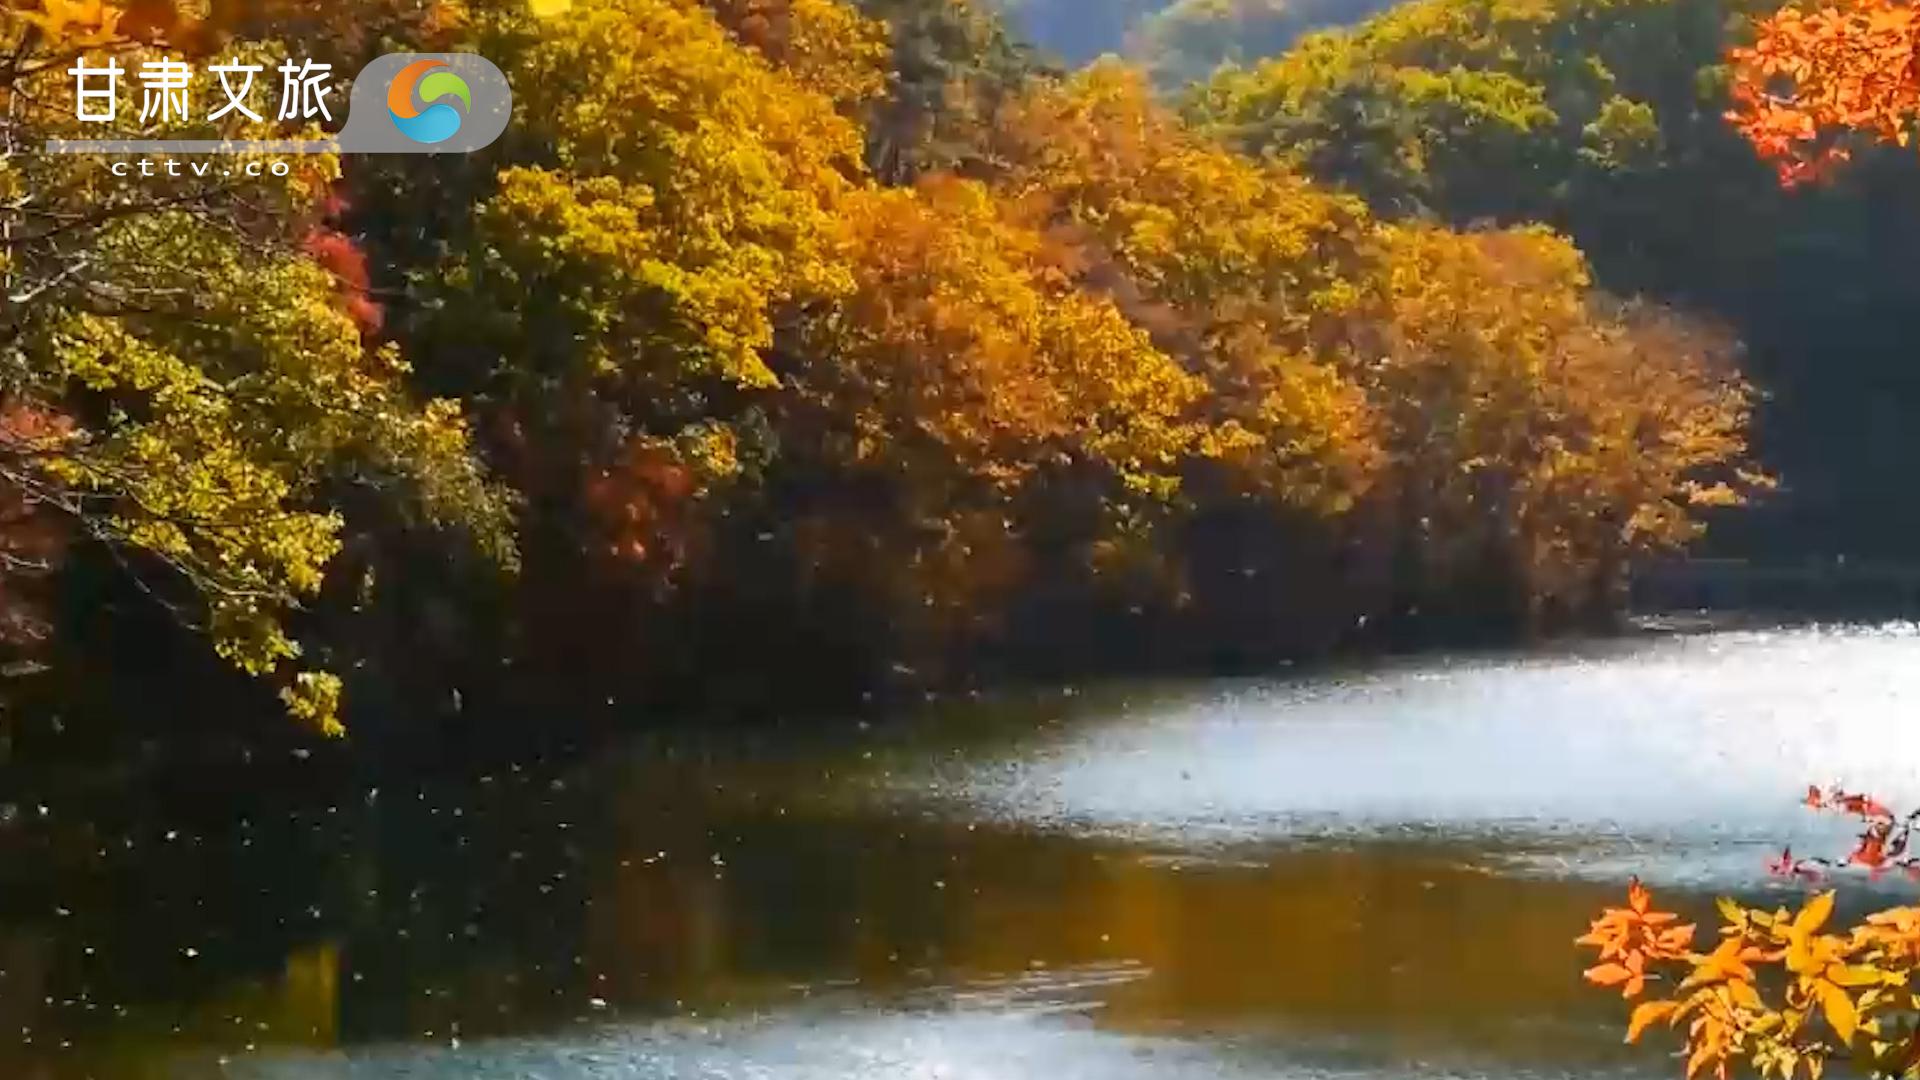 要来关门山和我一起看枫叶吗